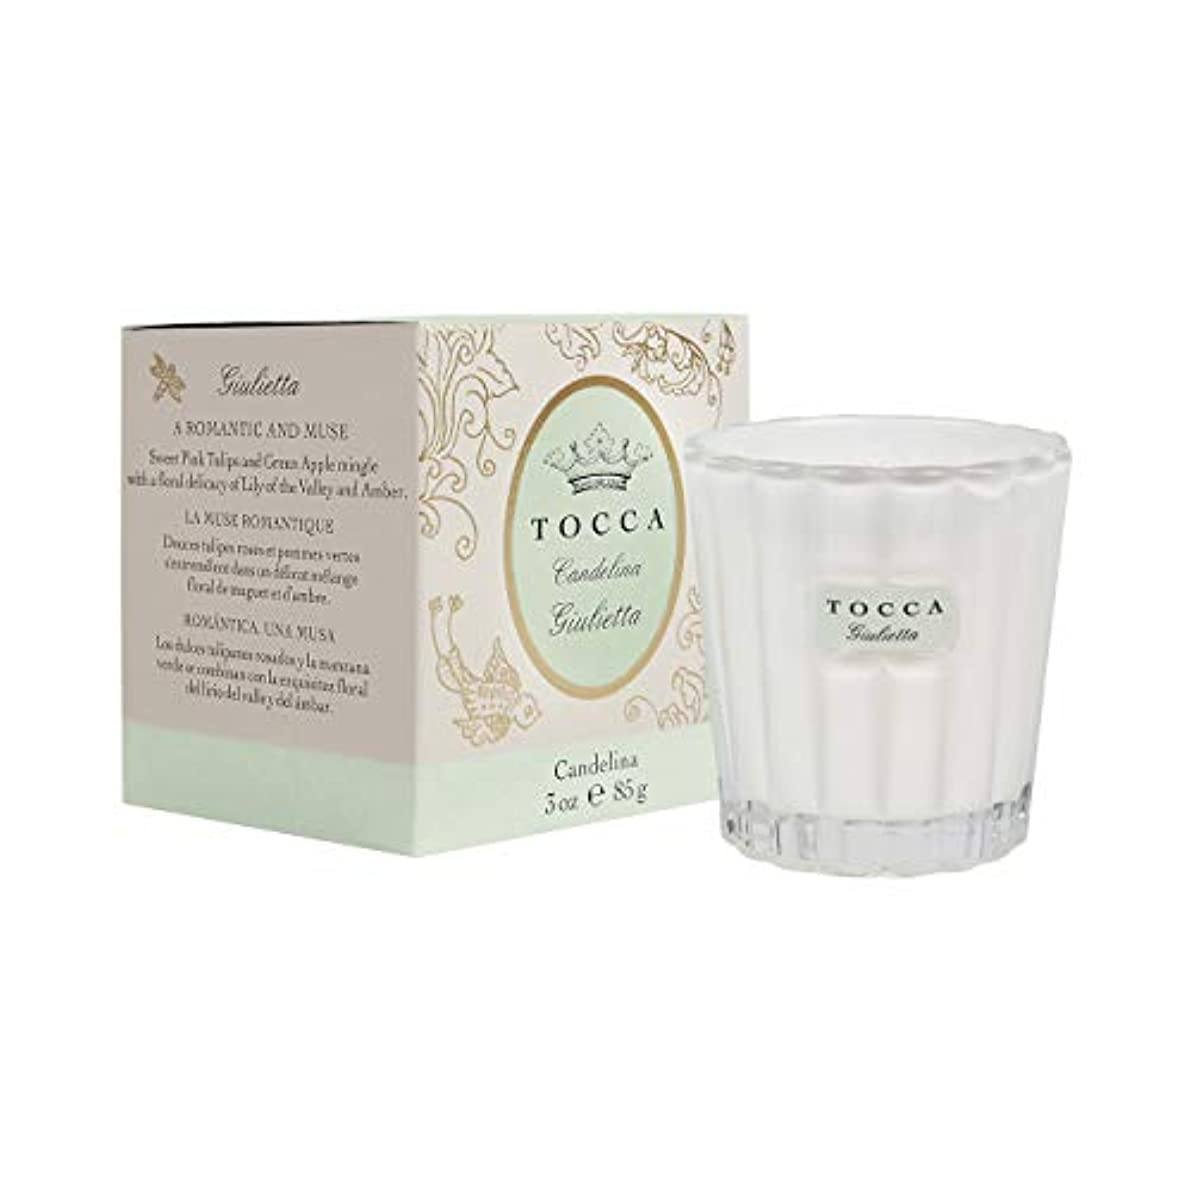 左中央トッカ(TOCCA) キャンデリーナ ジュリエッタの香り 約85g (キャンドル ろうそく 爽やかで甘い香り)